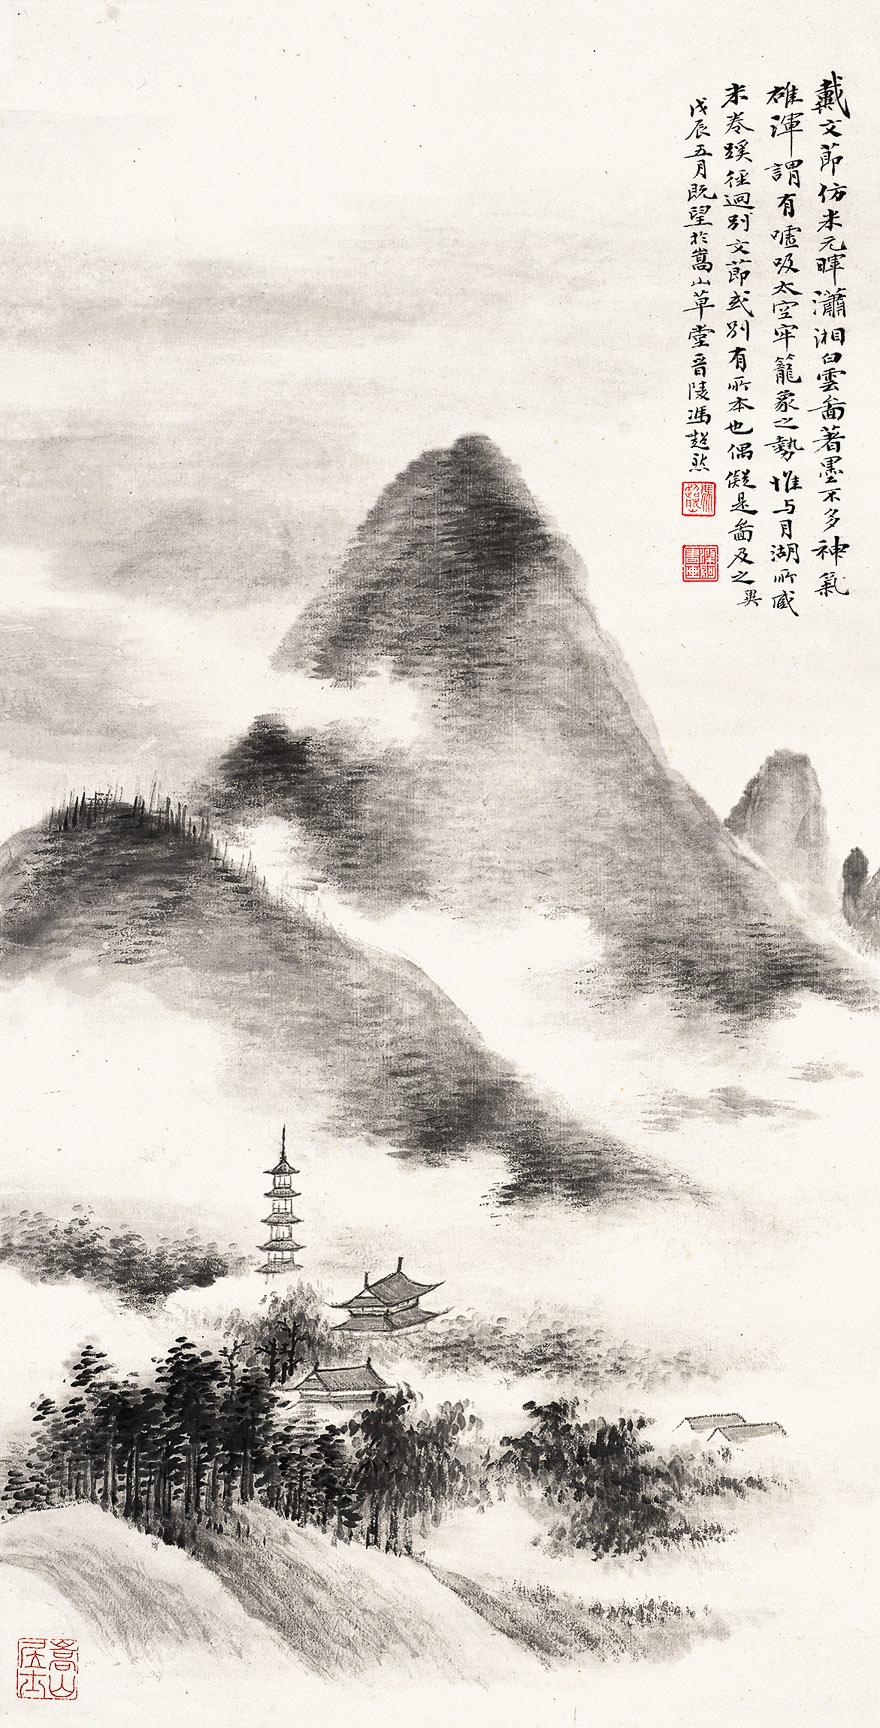 米家云山图